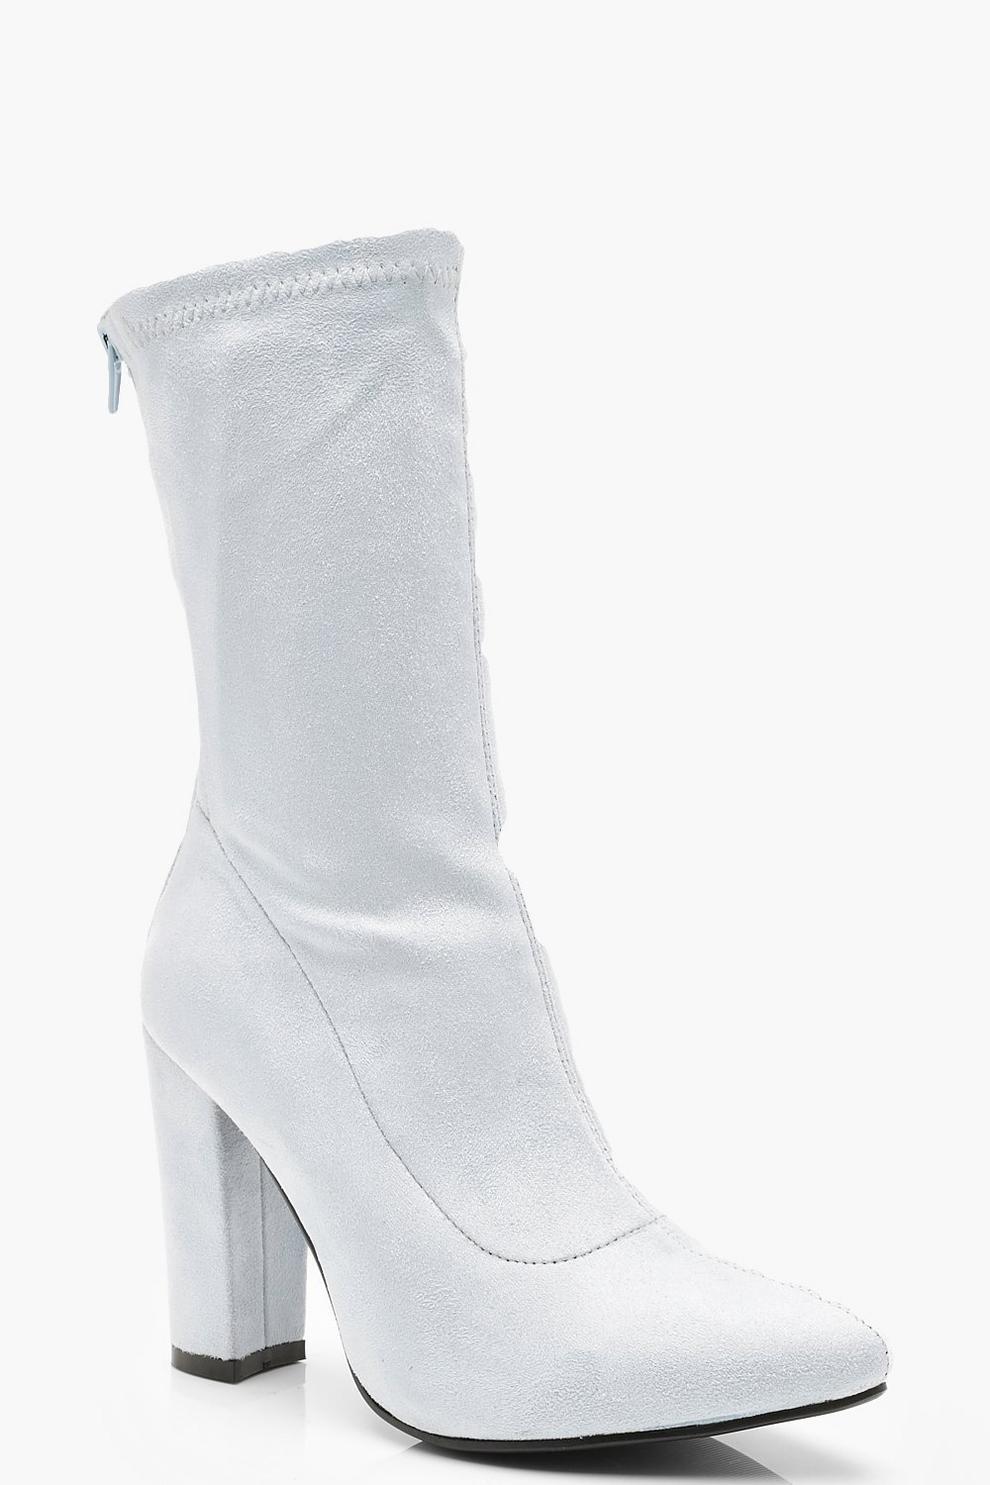 sitio web profesional venta reino unido salida online Botines blancos mujer de moda primavera verano 2019 - InStyle